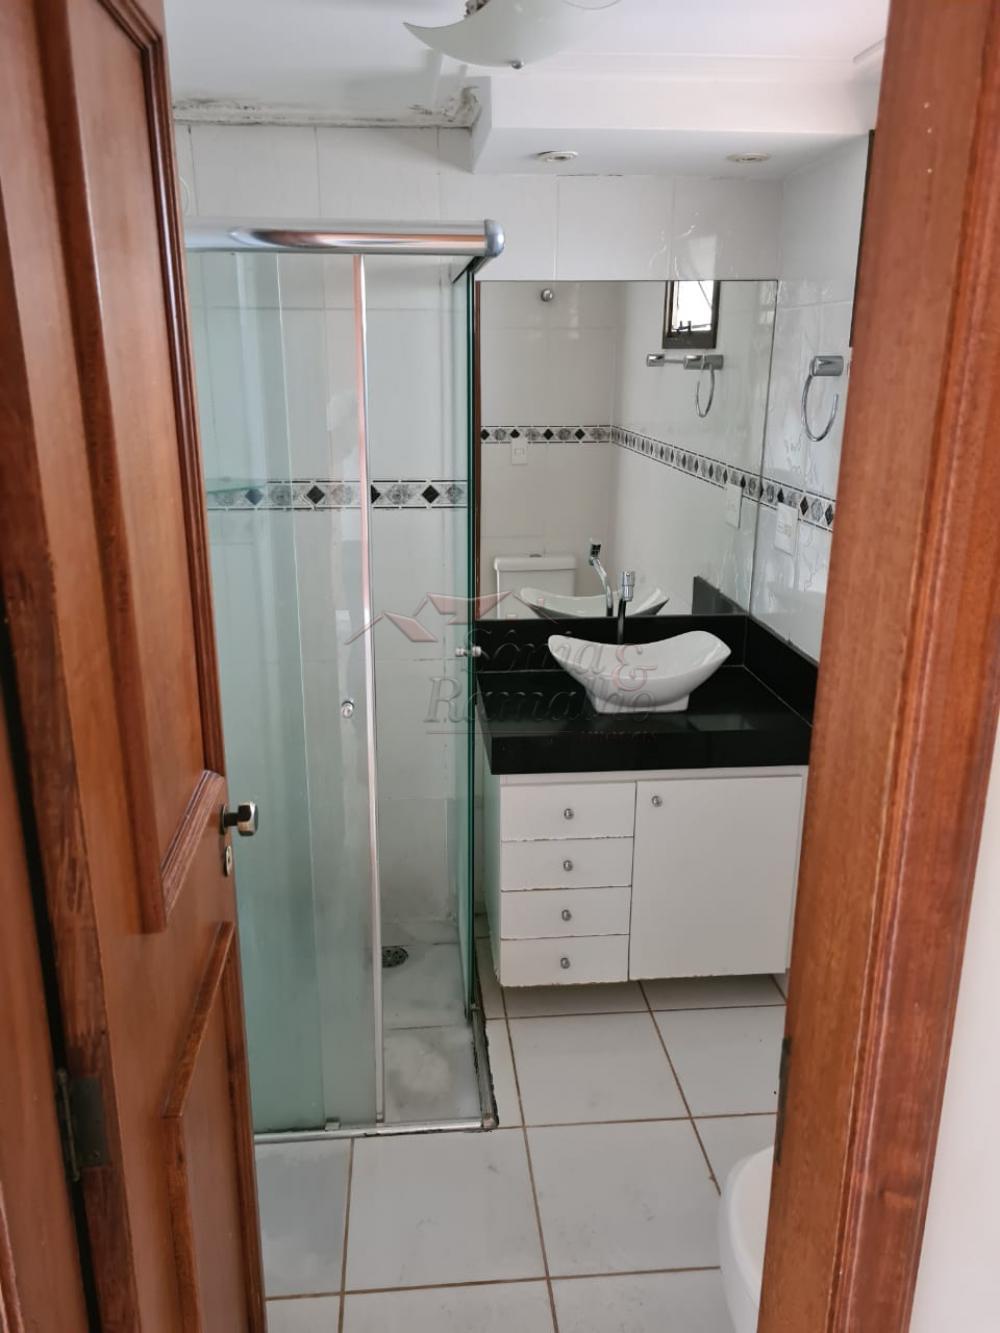 Comprar Apartamentos / Padrão em Ribeirão Preto apenas R$ 375.000,00 - Foto 17